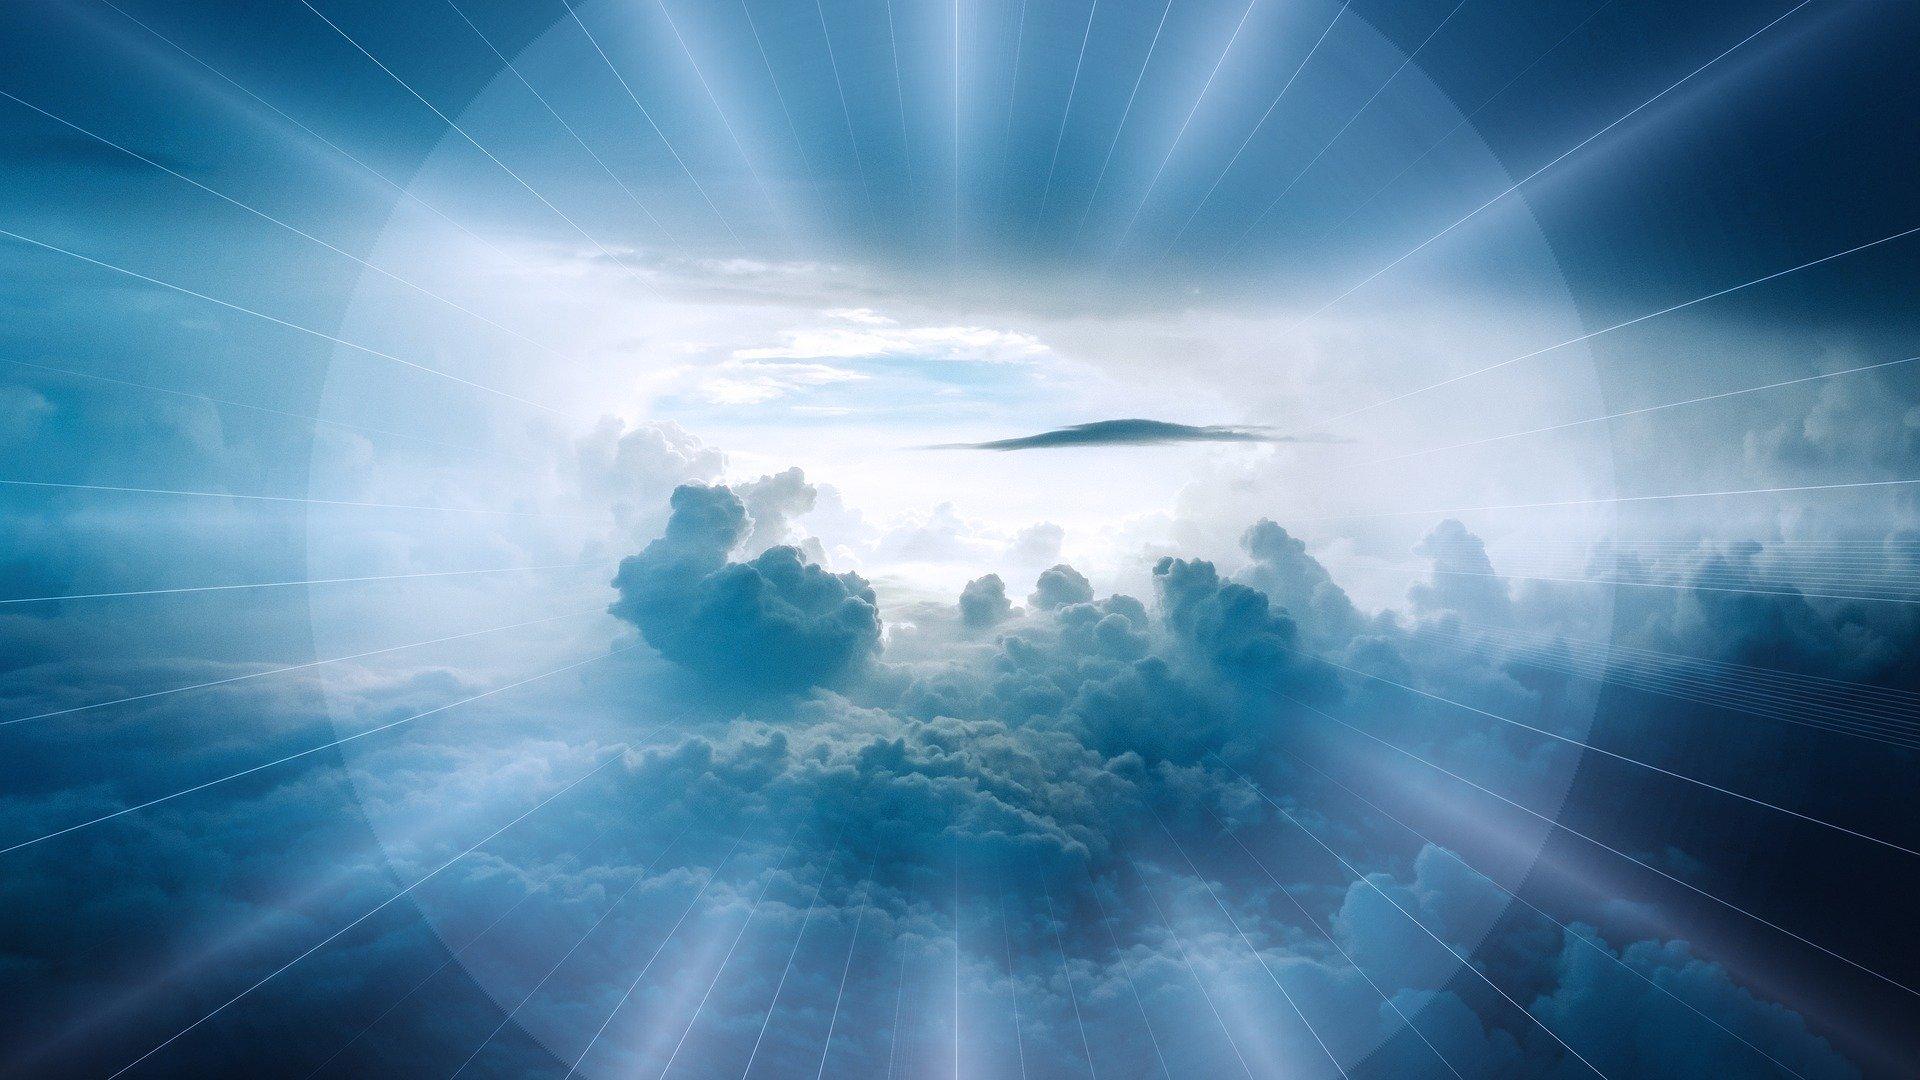 El Cielo. Fuente: Pixabay